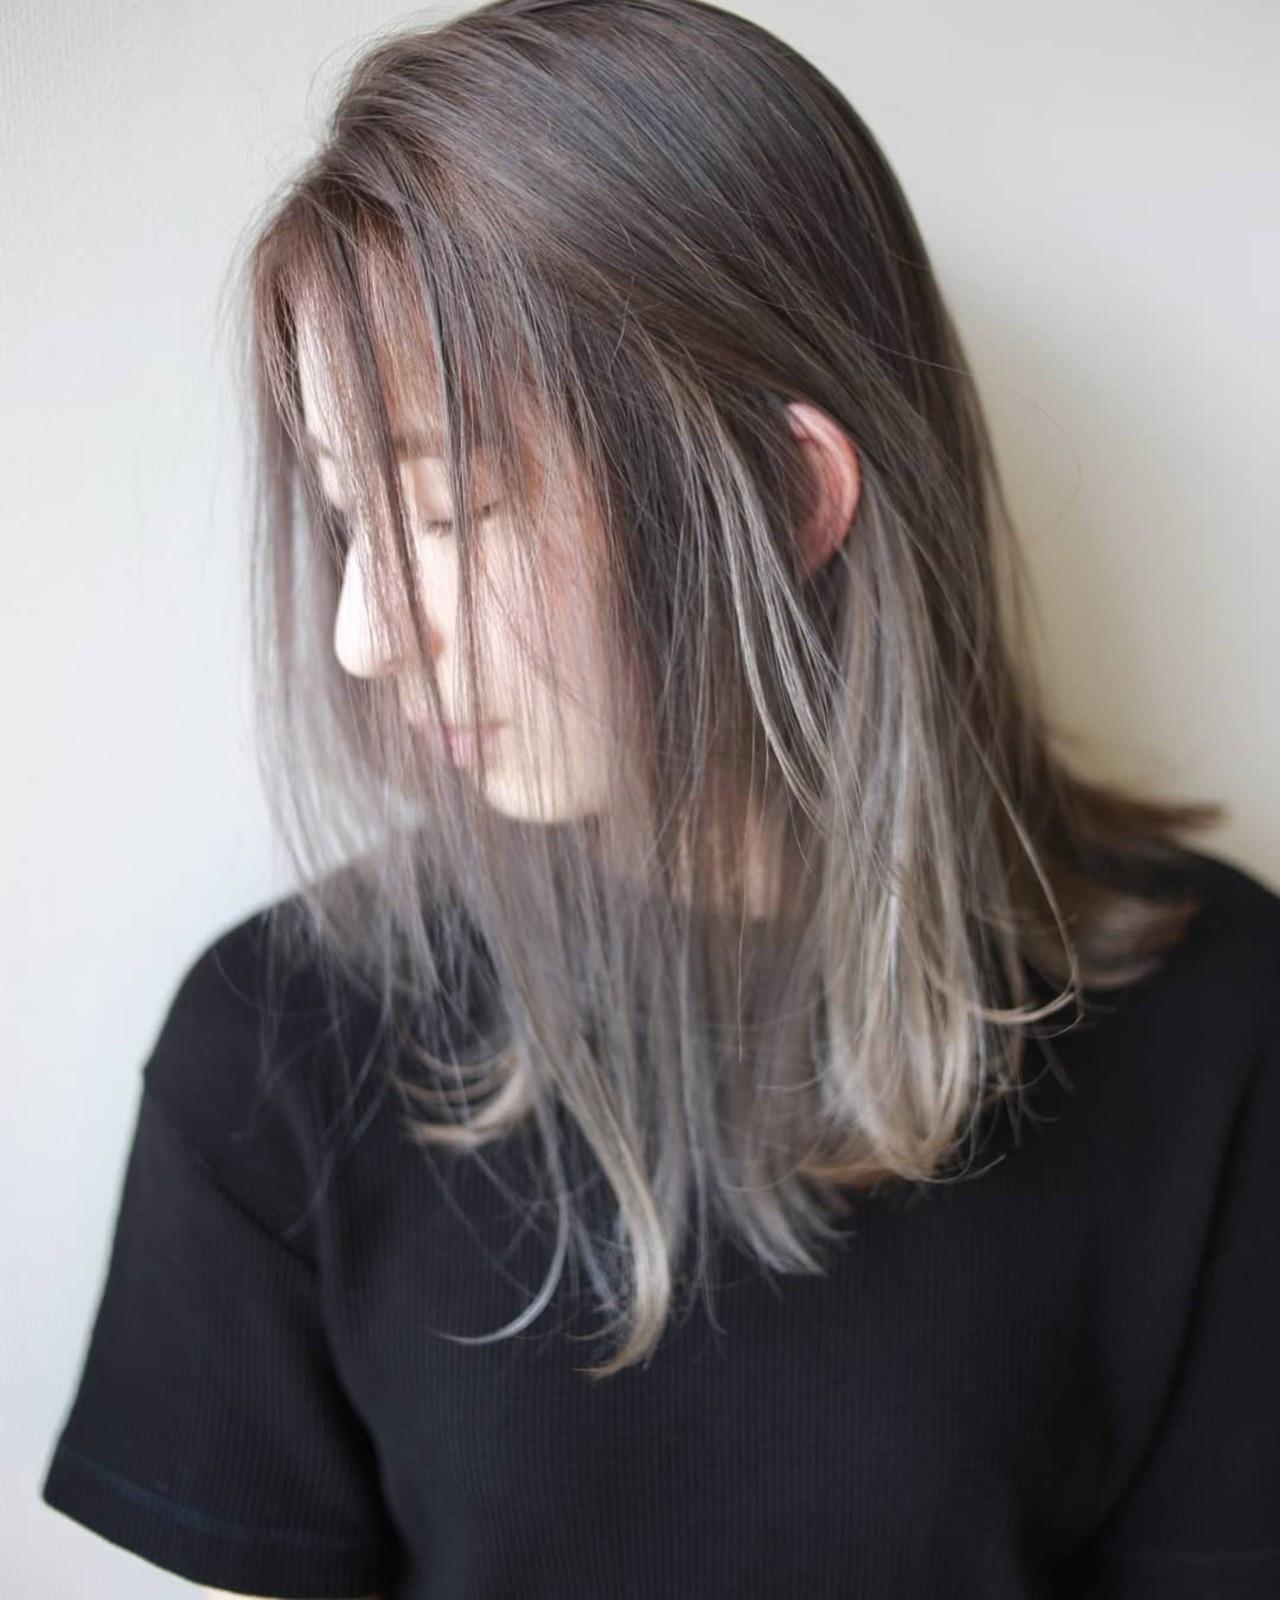 透明感溢れるナチュラルなミディアムヘアのイルミナカラー 松田武法amitiebypretty